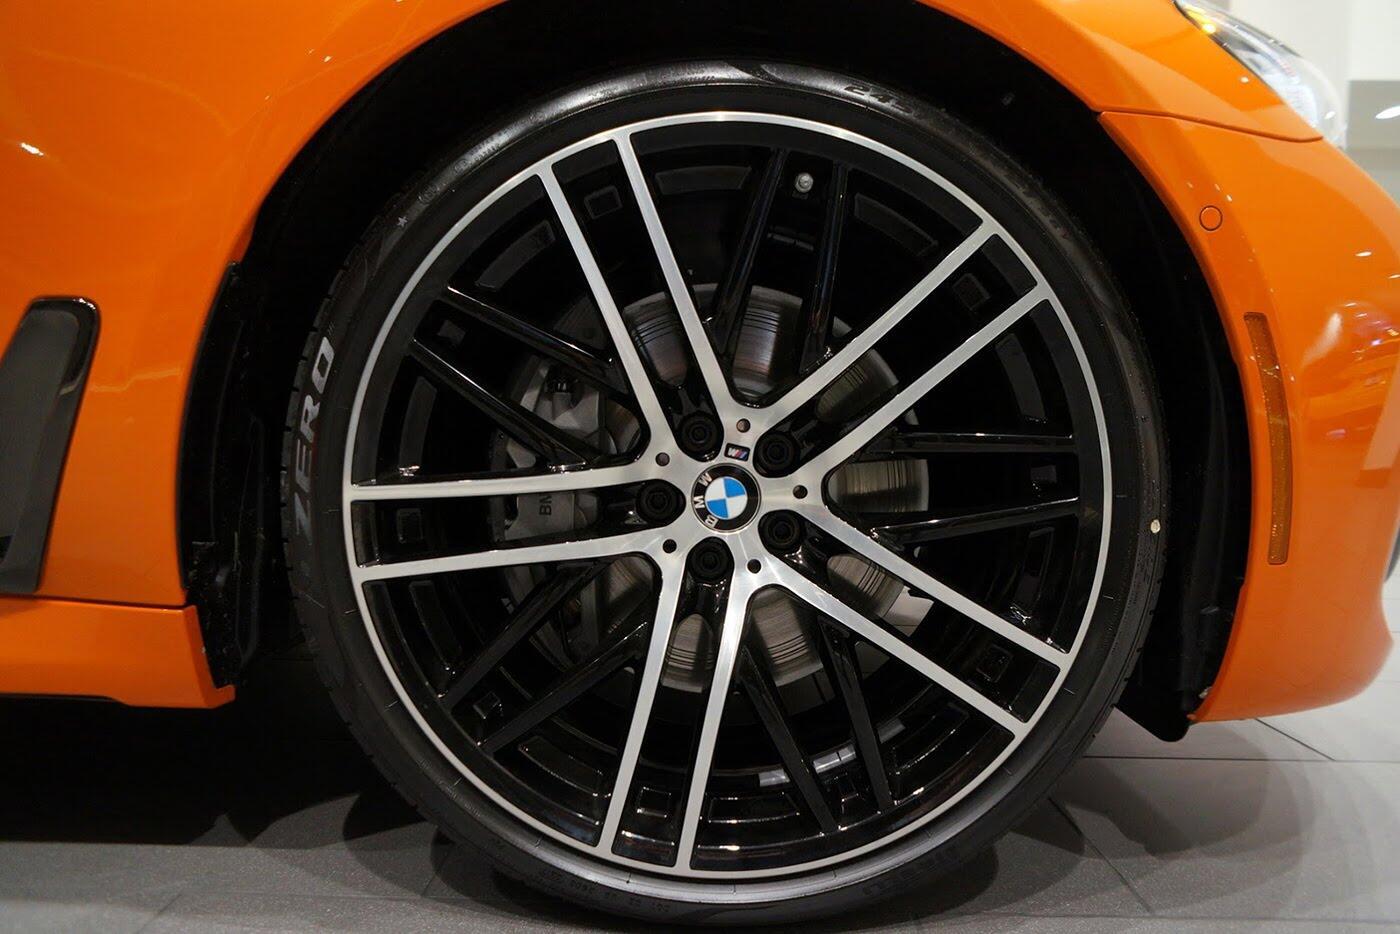 Cận cảnh BMW 750i 2017 phiên bản đặc biệt Fire Orange - Hình 6